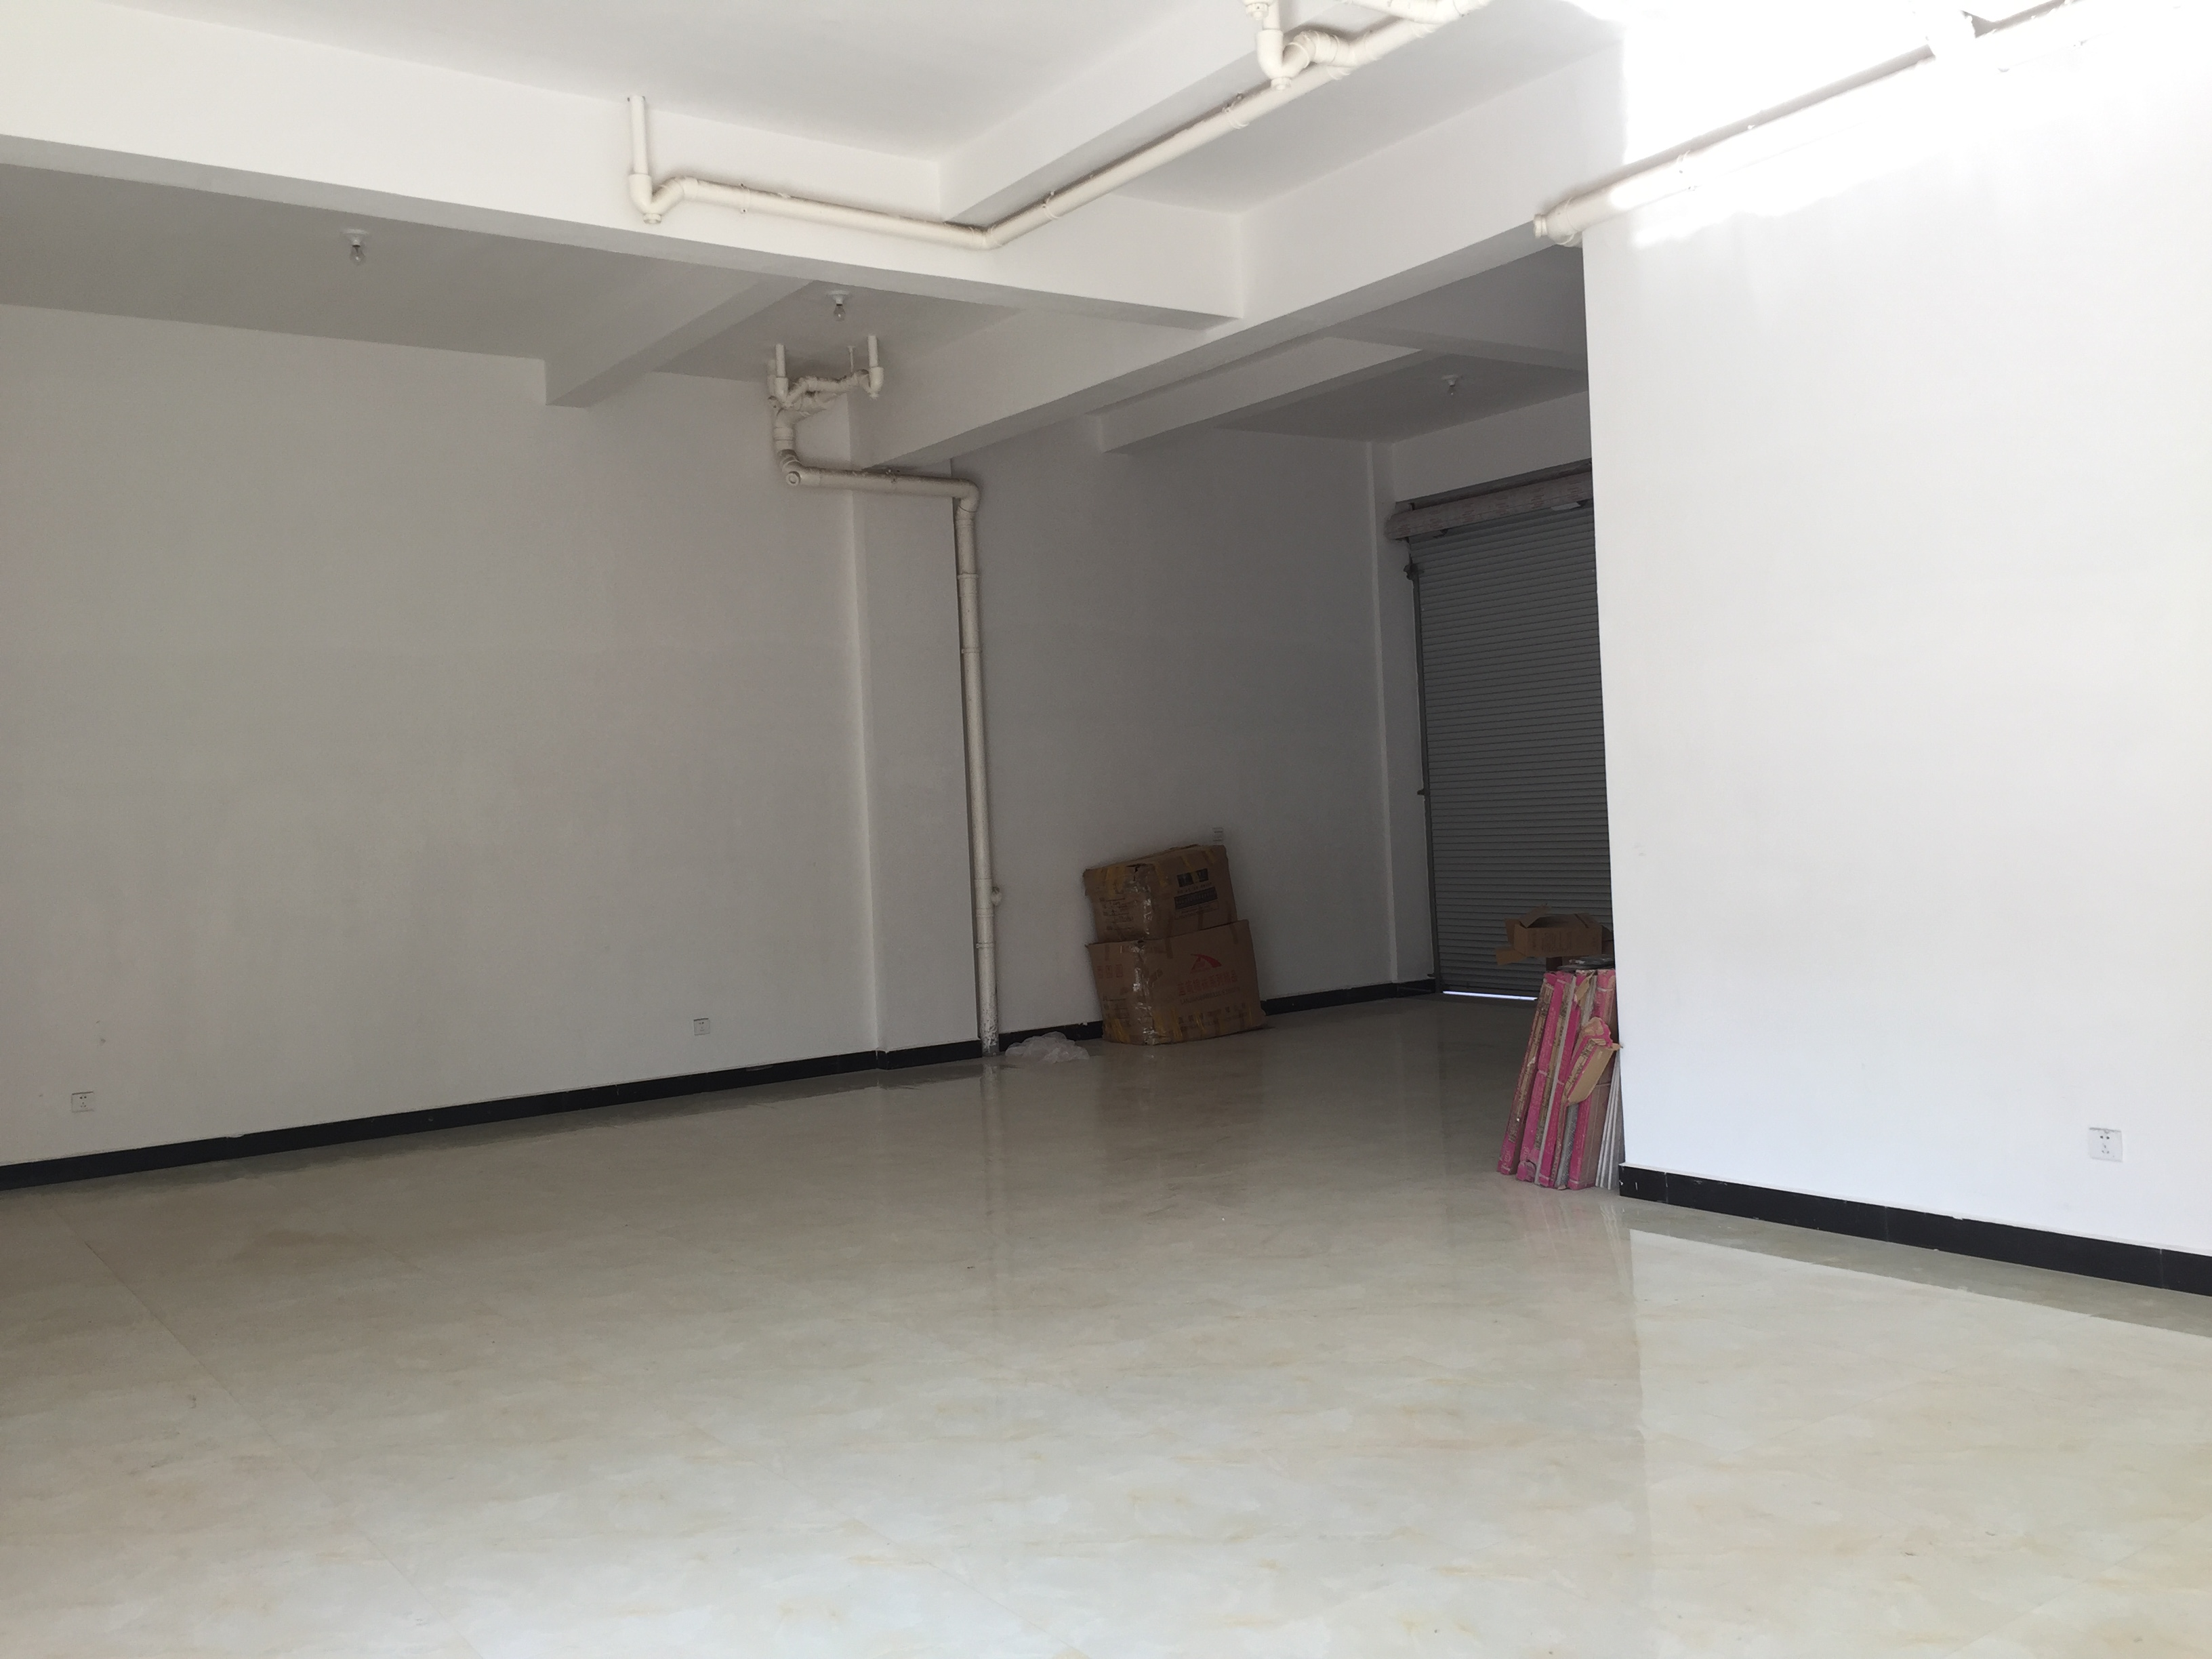 出租城北路A58号1楼店面三间(大塘下一区旁边)